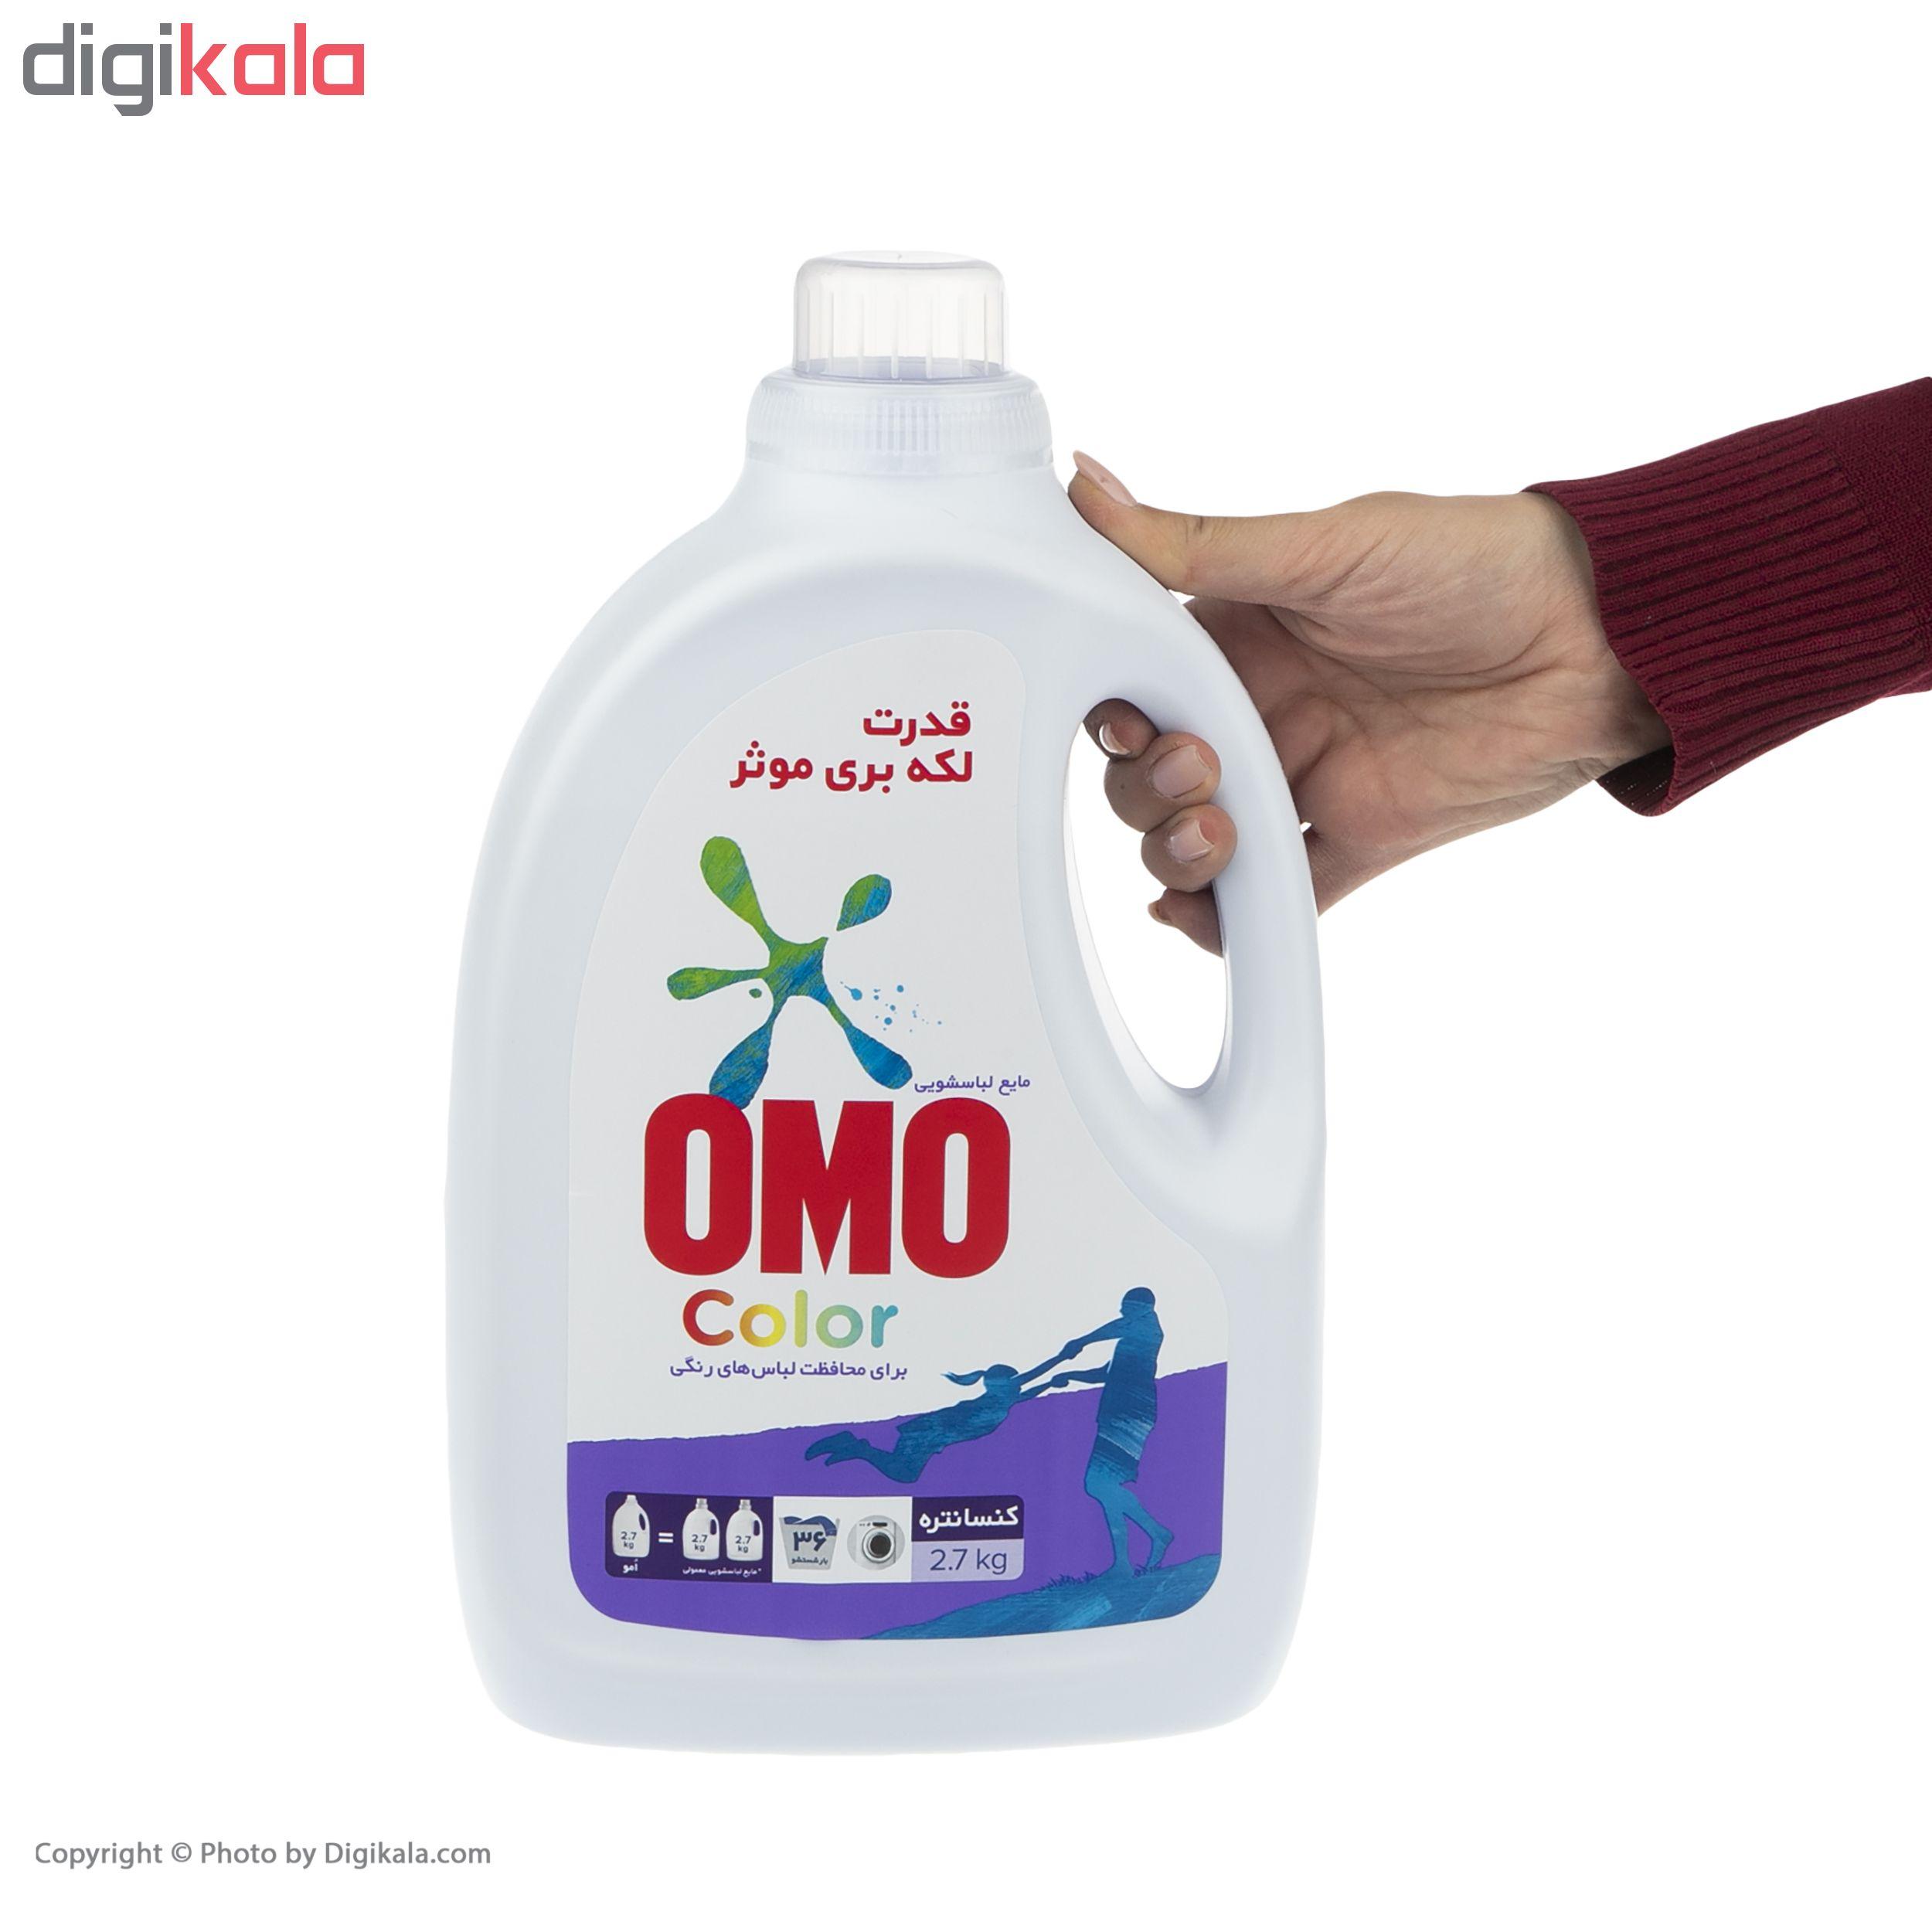 مایع لباسشویی رنگی امو مدل Concentrate مقدار 2.7 کیلوگرم main 1 3